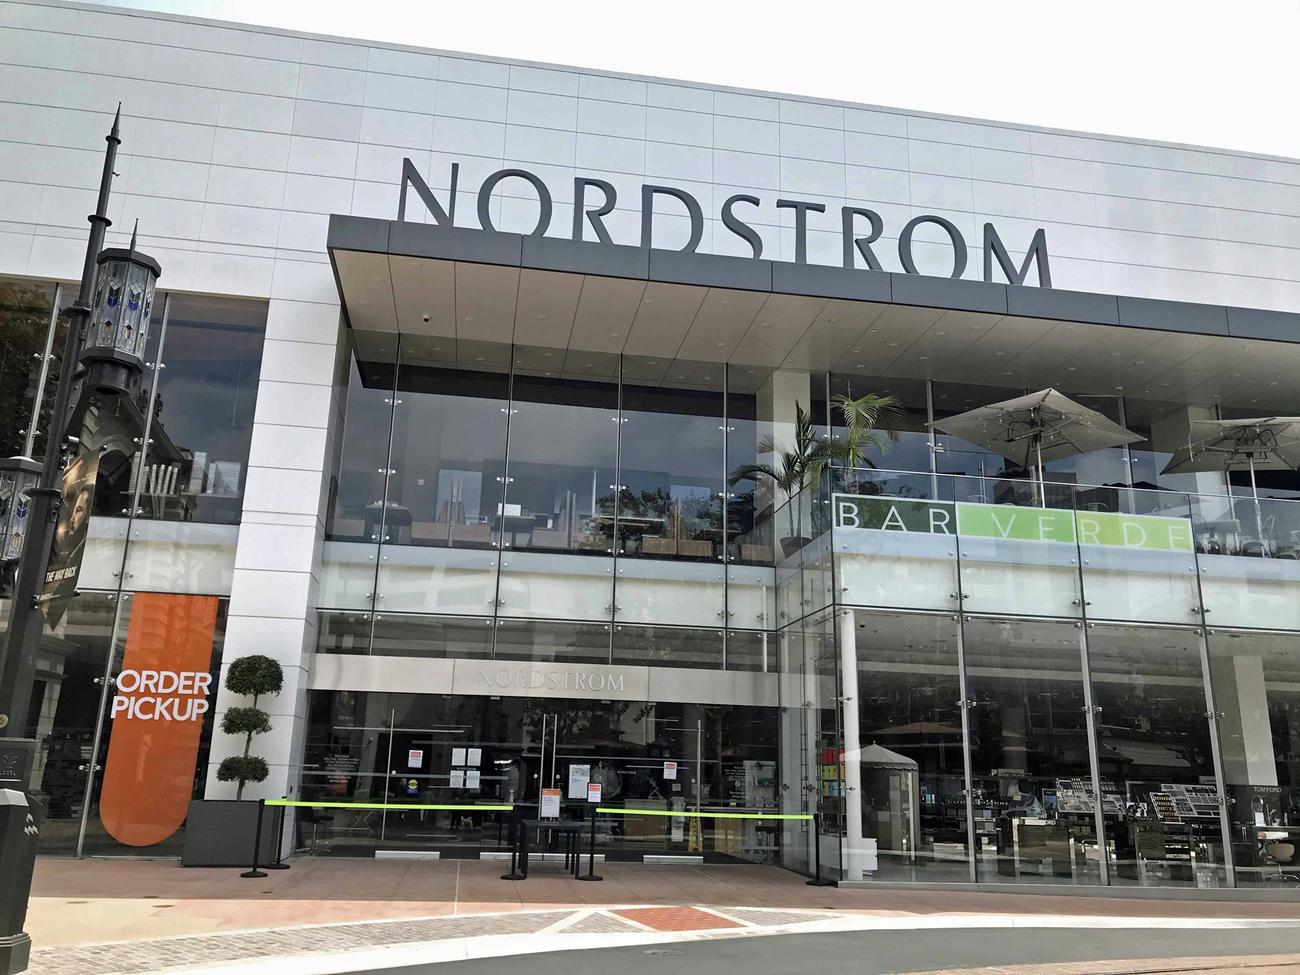 百貨店ノードストロームは入口にロープを張って、客は中に入れないようになったまま。注文した商品を受け取るだけの営業です